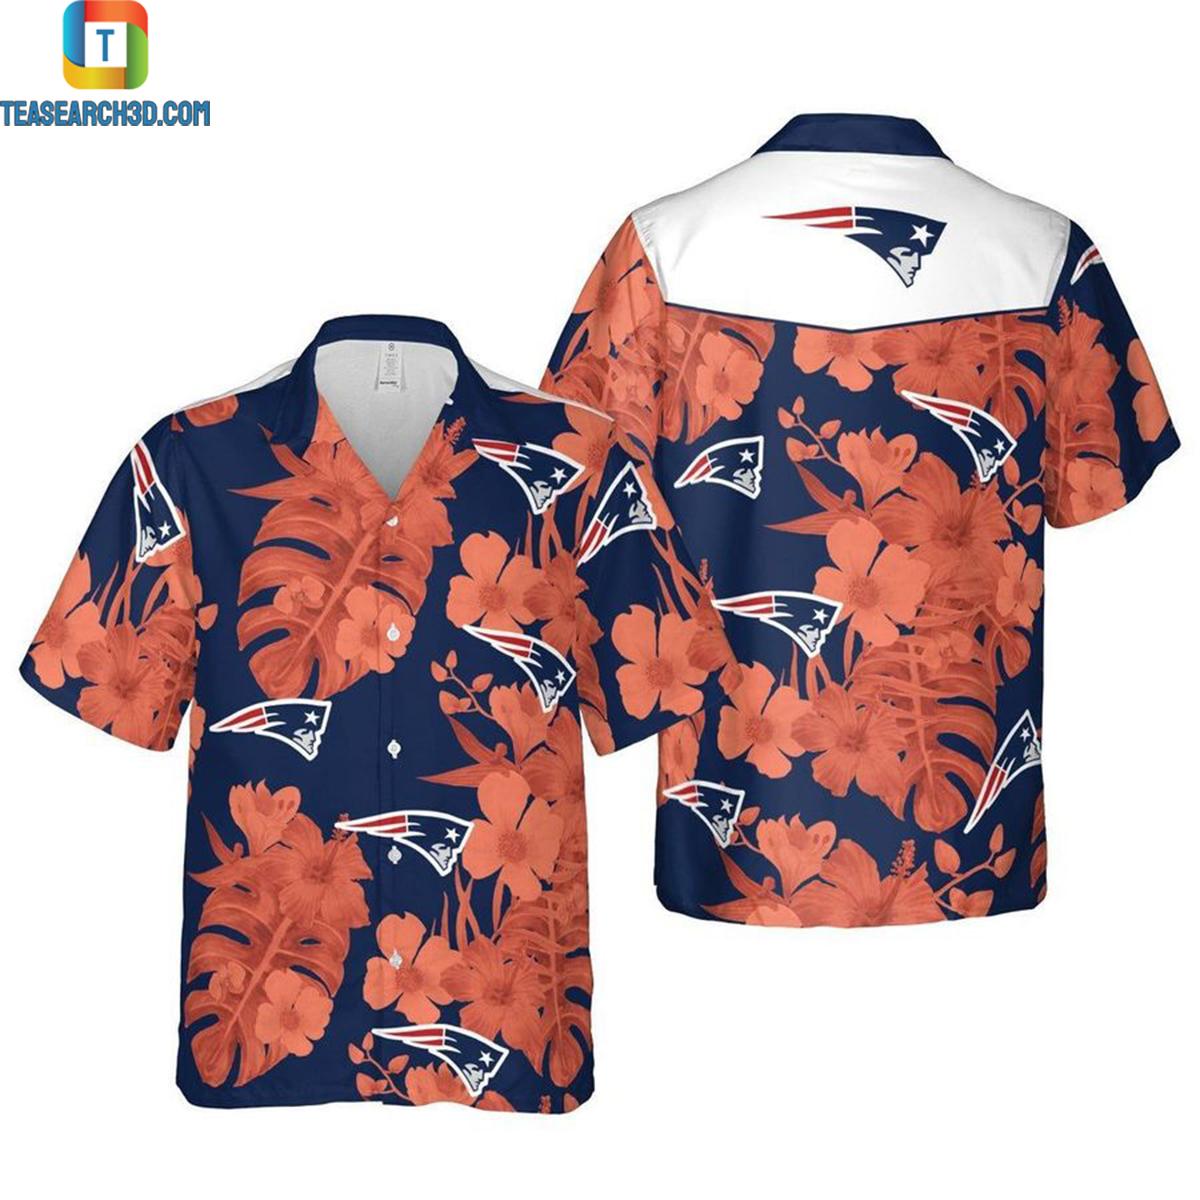 New england patriots greater boston nfl football hawaiian shirt 1